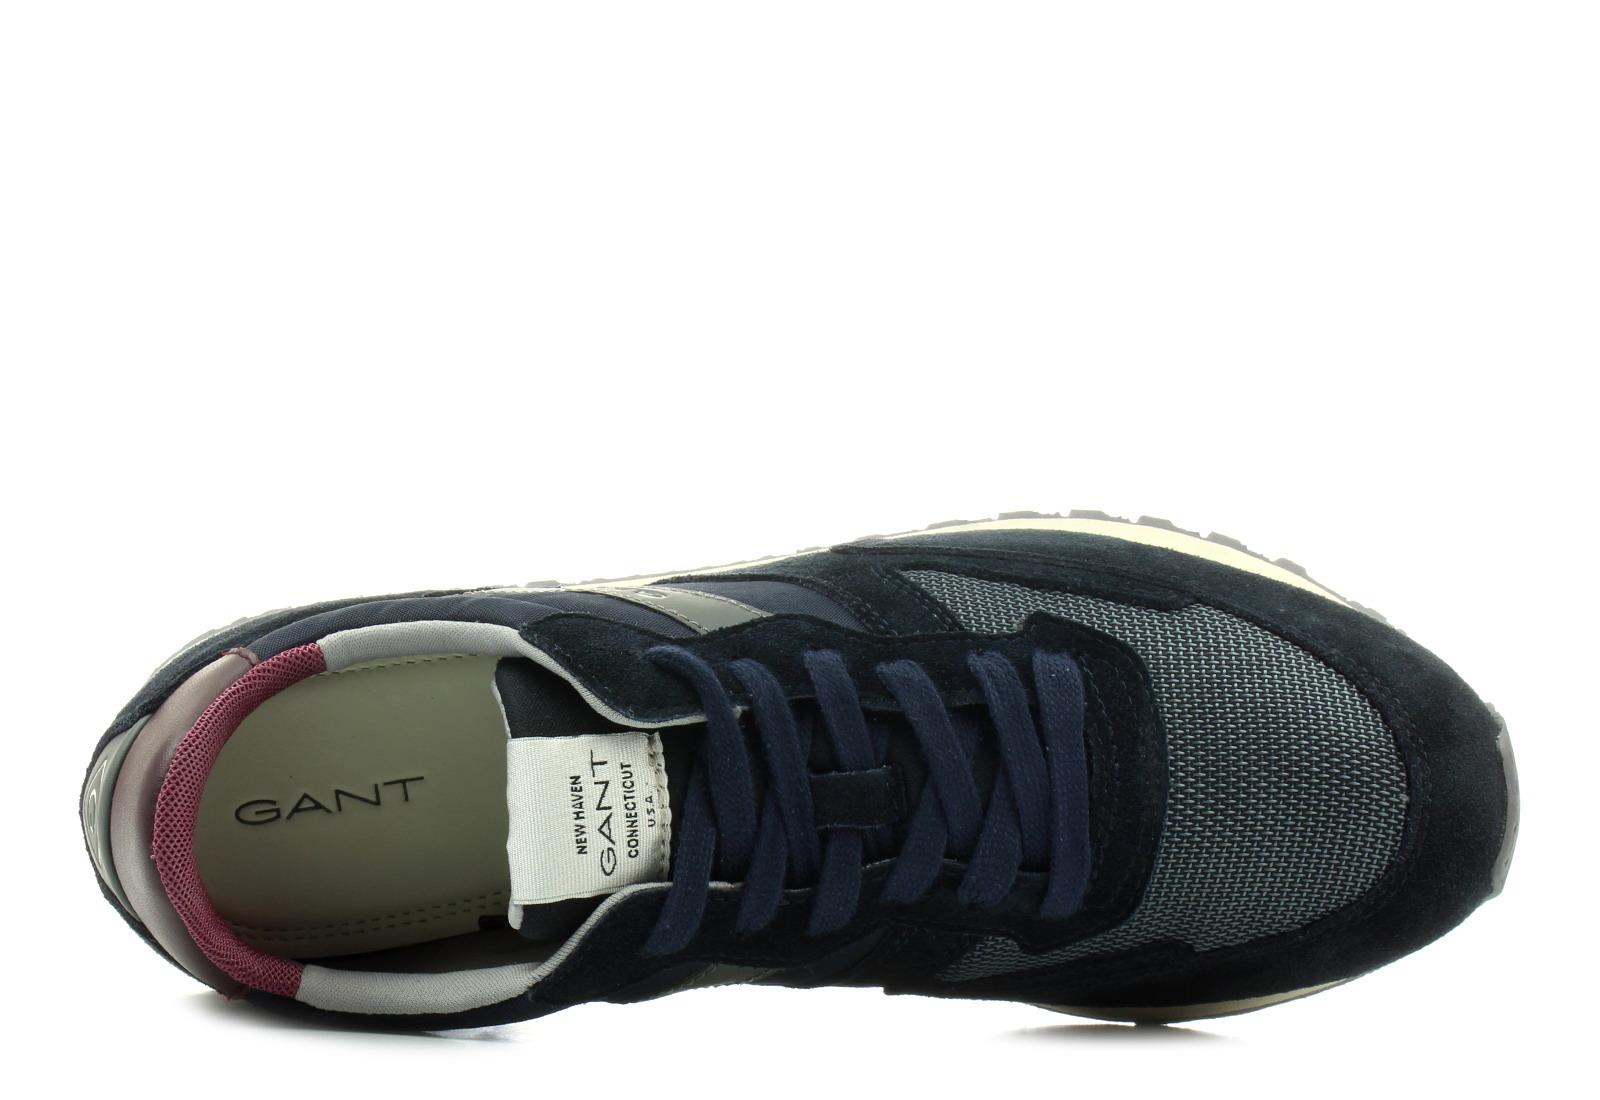 Gant Cipő - David - 17637844-G69 - Office Shoes Magyarország f80e0c9a54